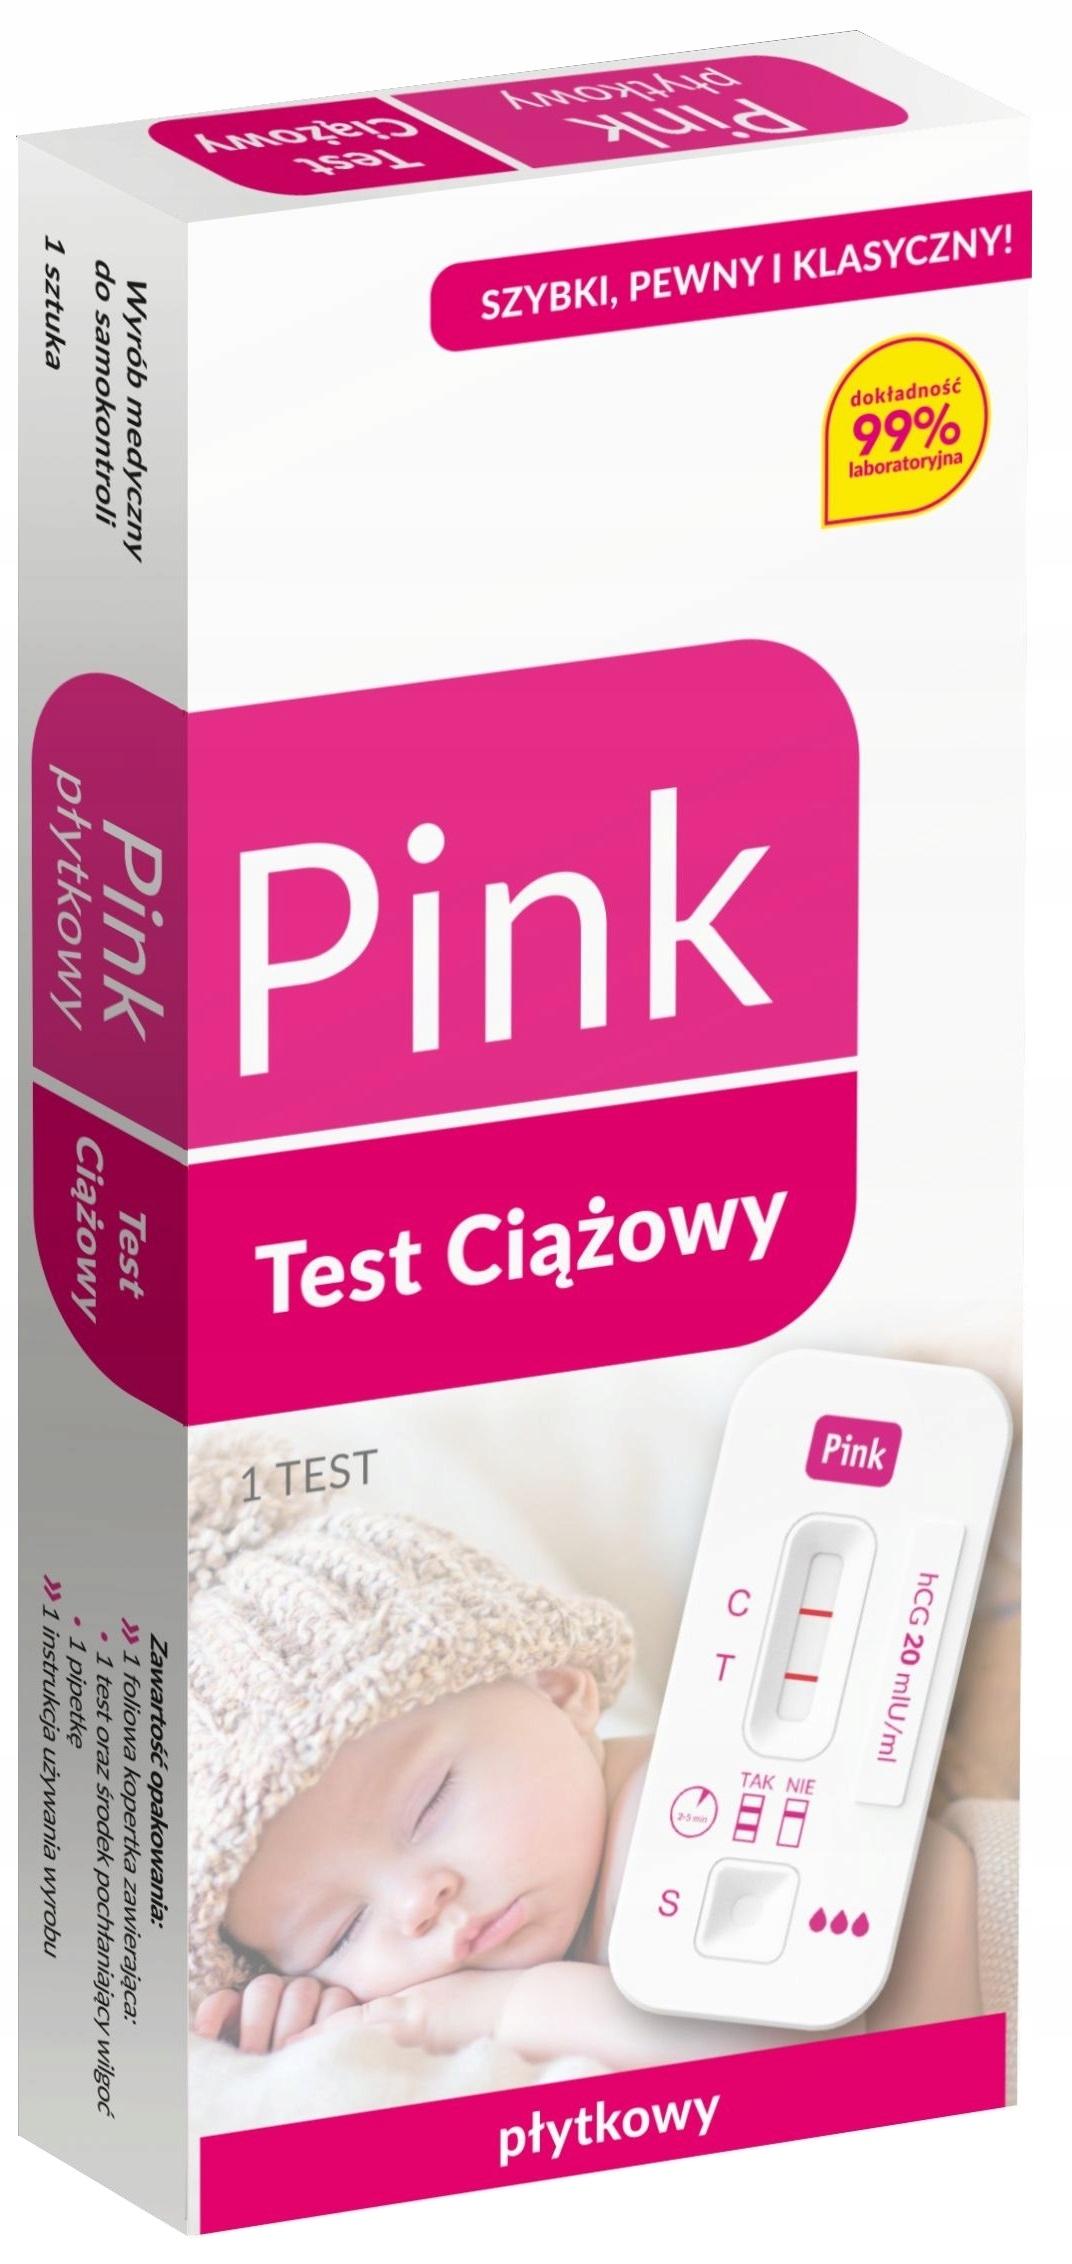 Plytkowy Test Ciazowy Pink Eco 6 Dni Dokladny 99 9 7258906918 Allegro Pl